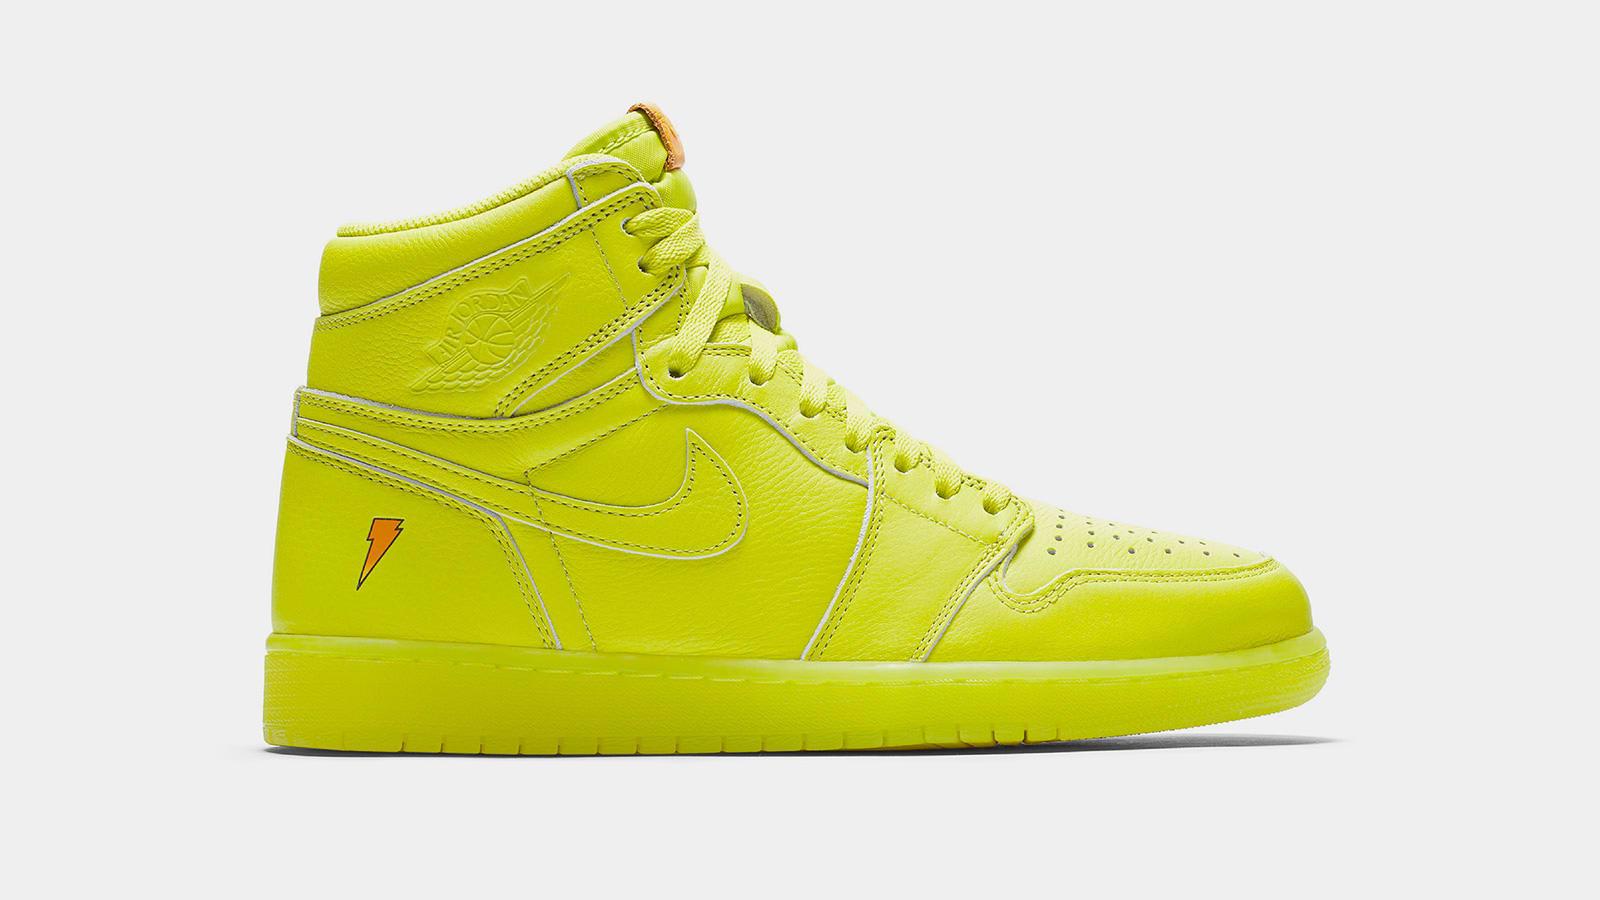 Nike Air Jordan 1 Retro OG 'Gatorade